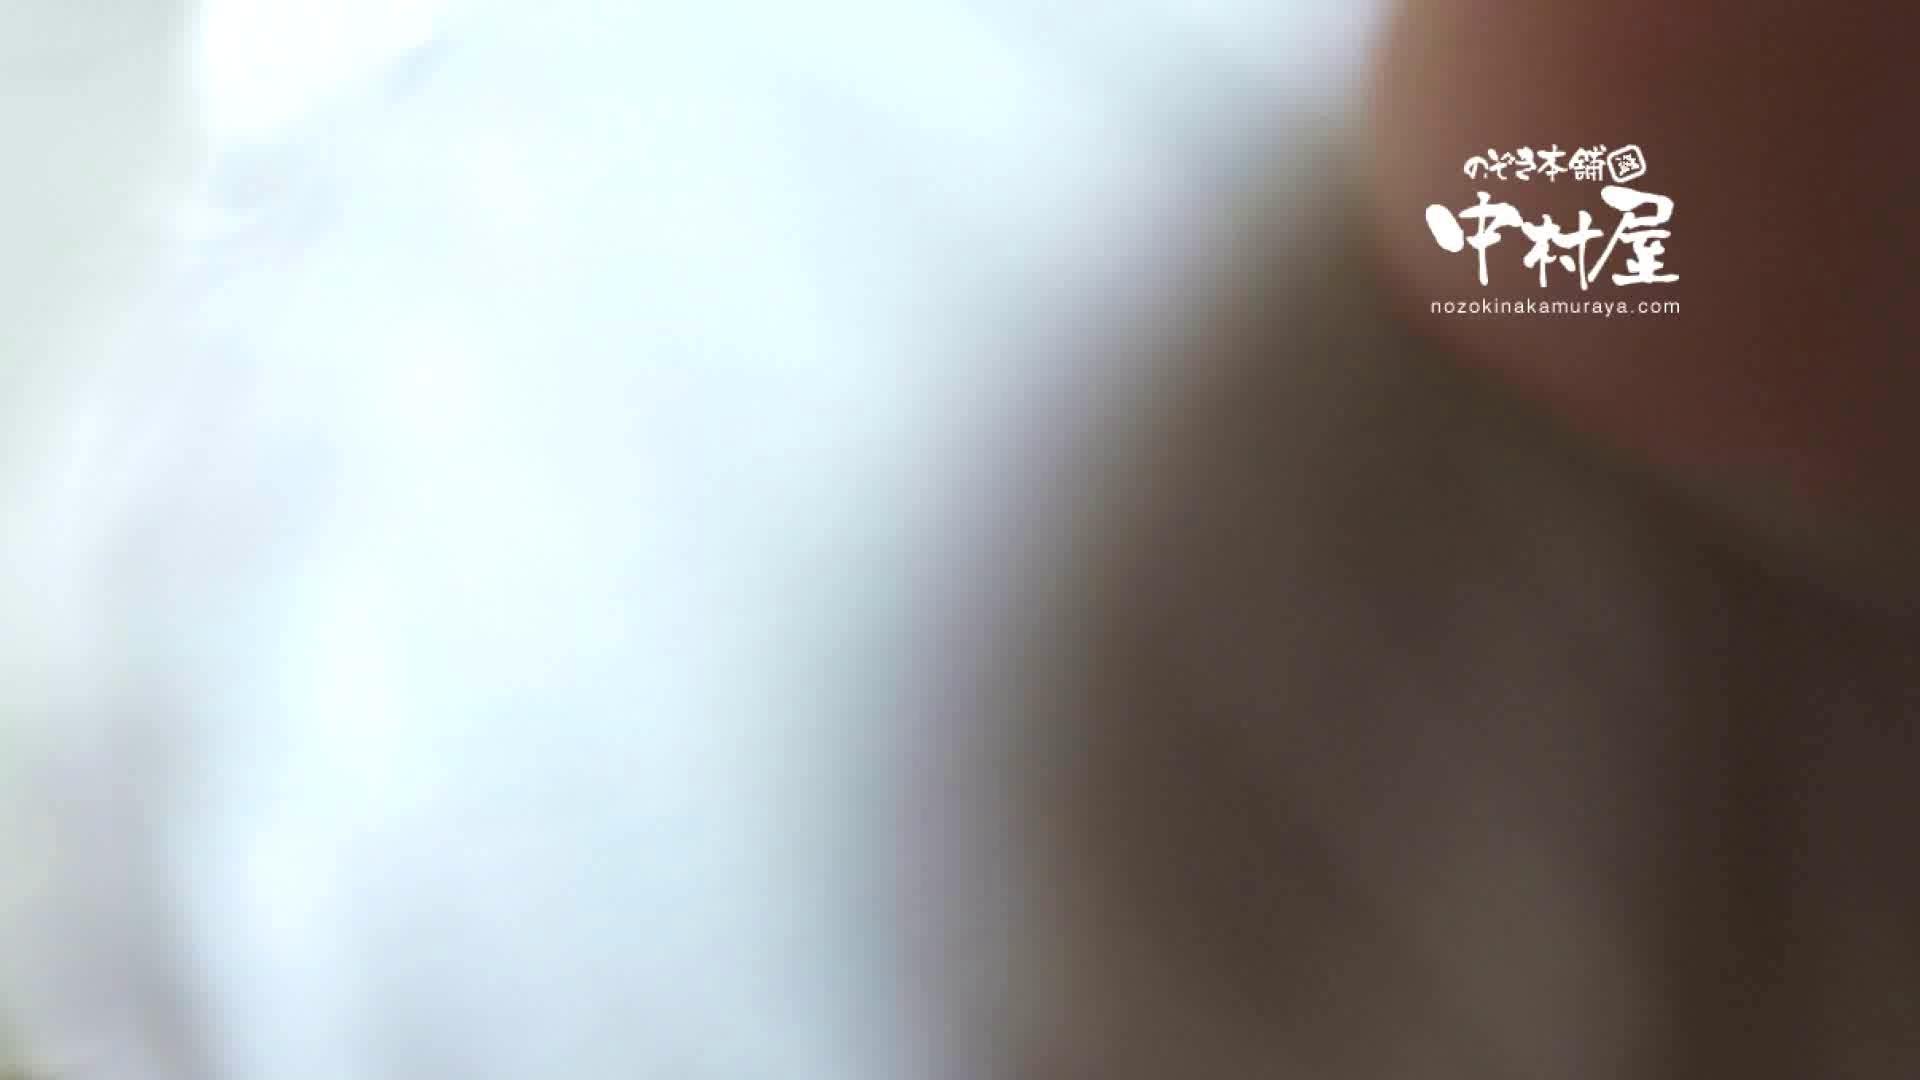 鬼畜 vol.18 居酒屋バイト時代の同僚に中出ししてみる 前編 中出し  73PICs 3